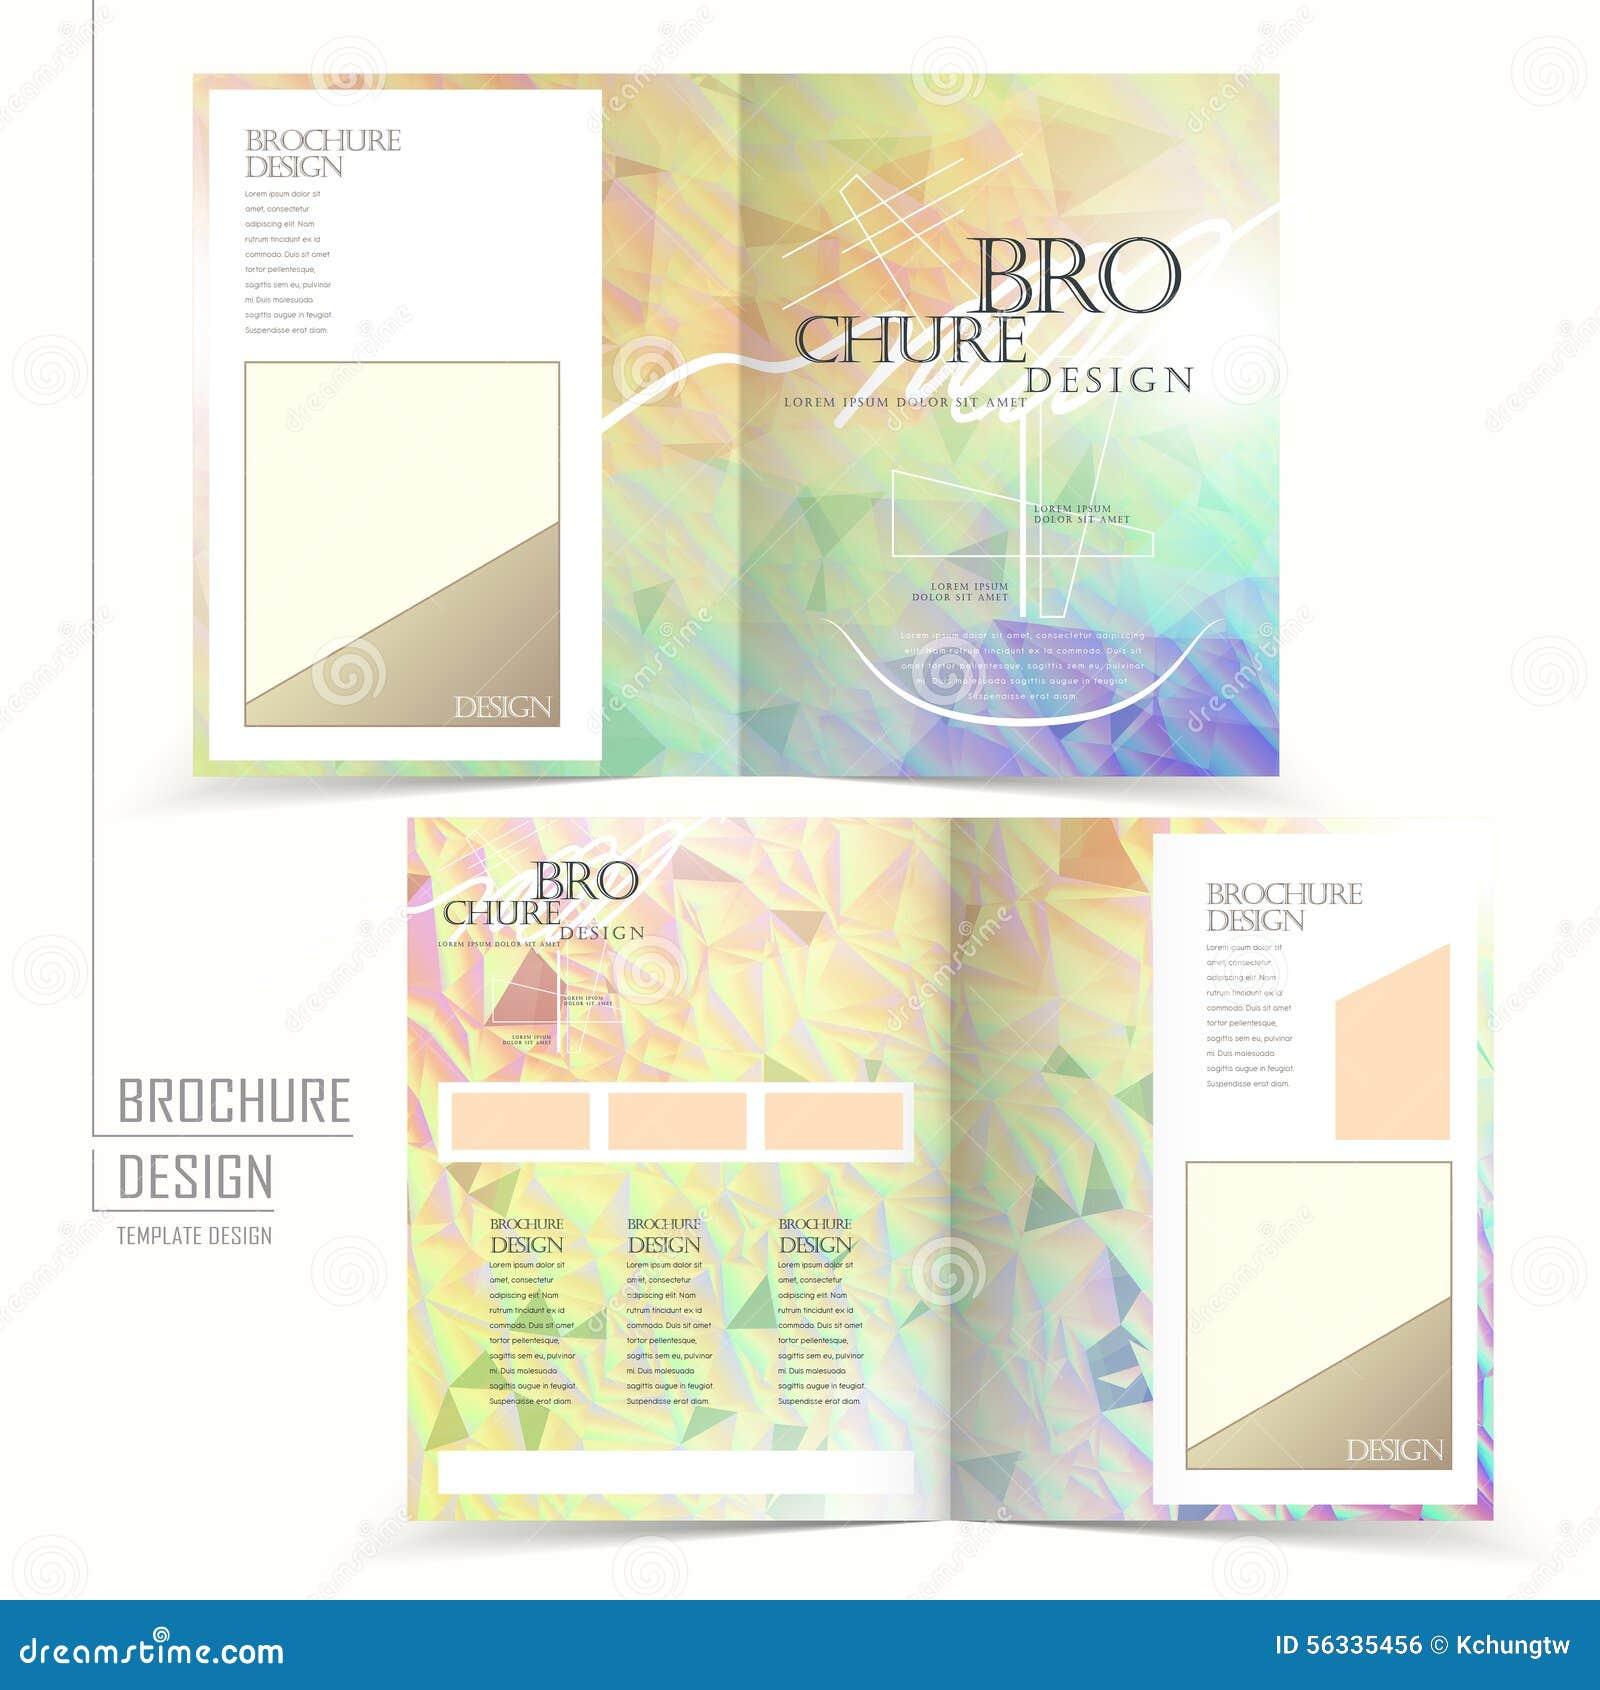 elegant half fold brochure template design stock vector illustration of bright information. Black Bedroom Furniture Sets. Home Design Ideas